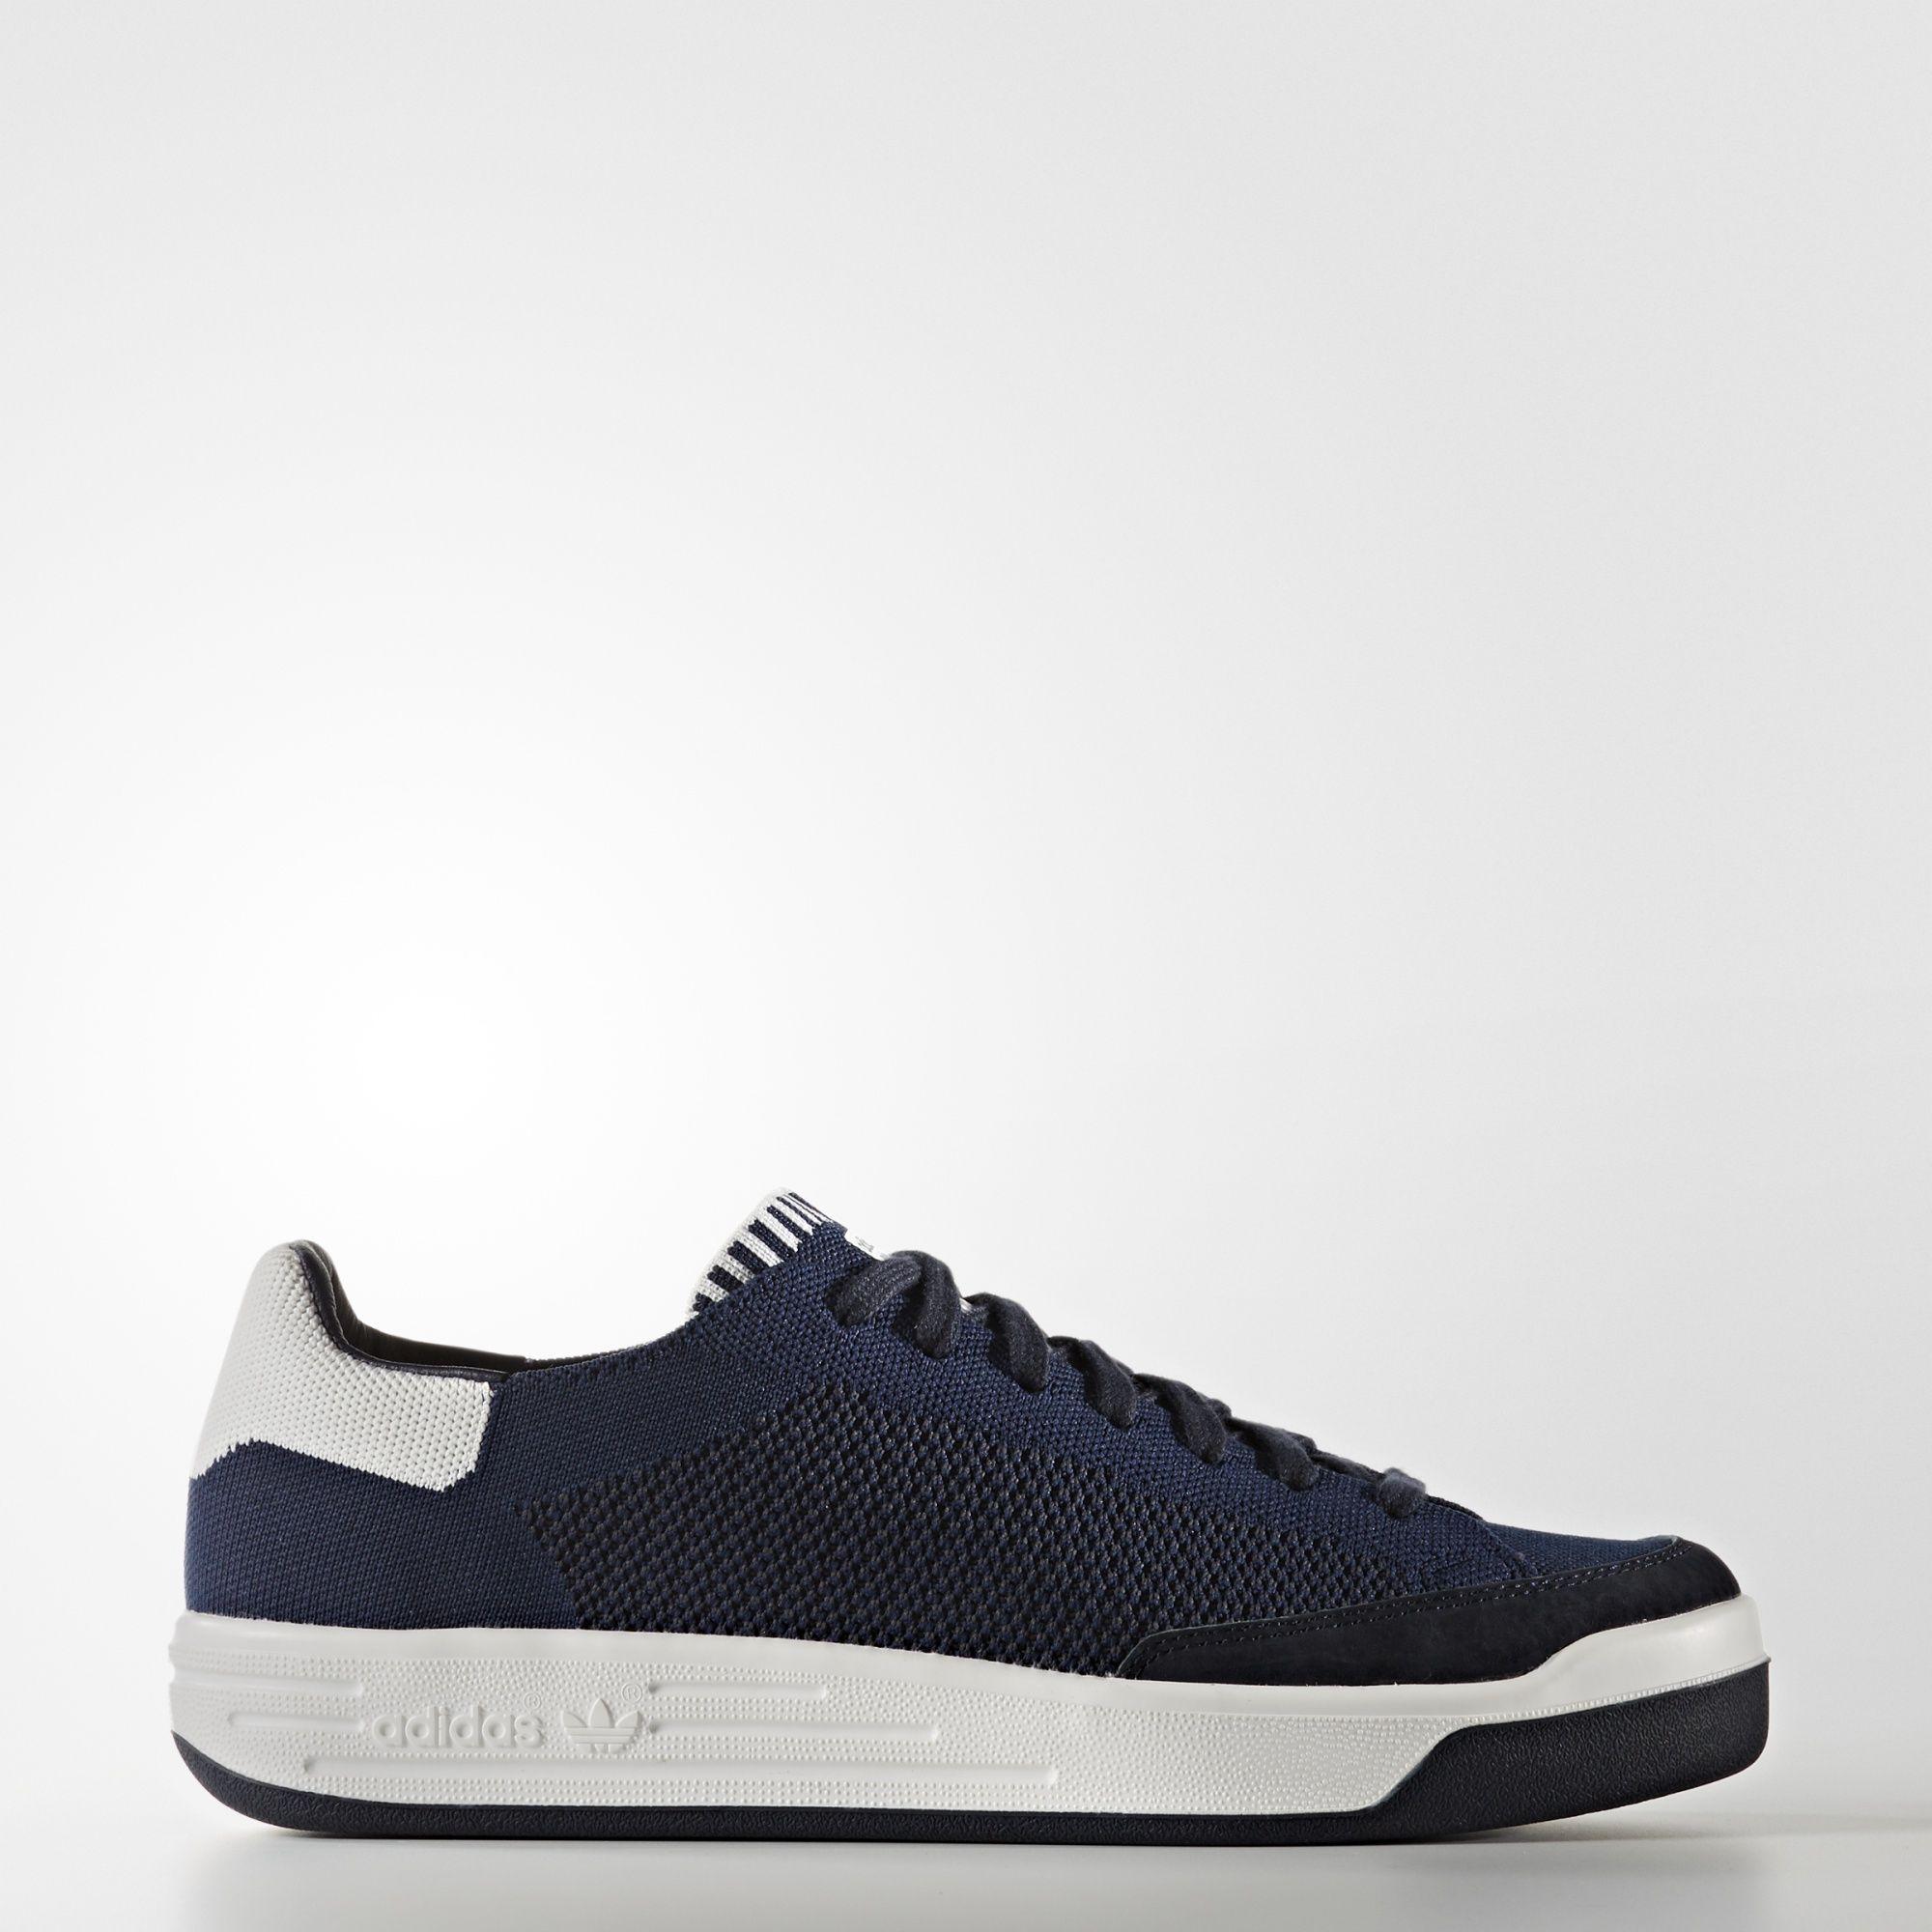 adidas - Rod Laver Super Primeknit Shoes